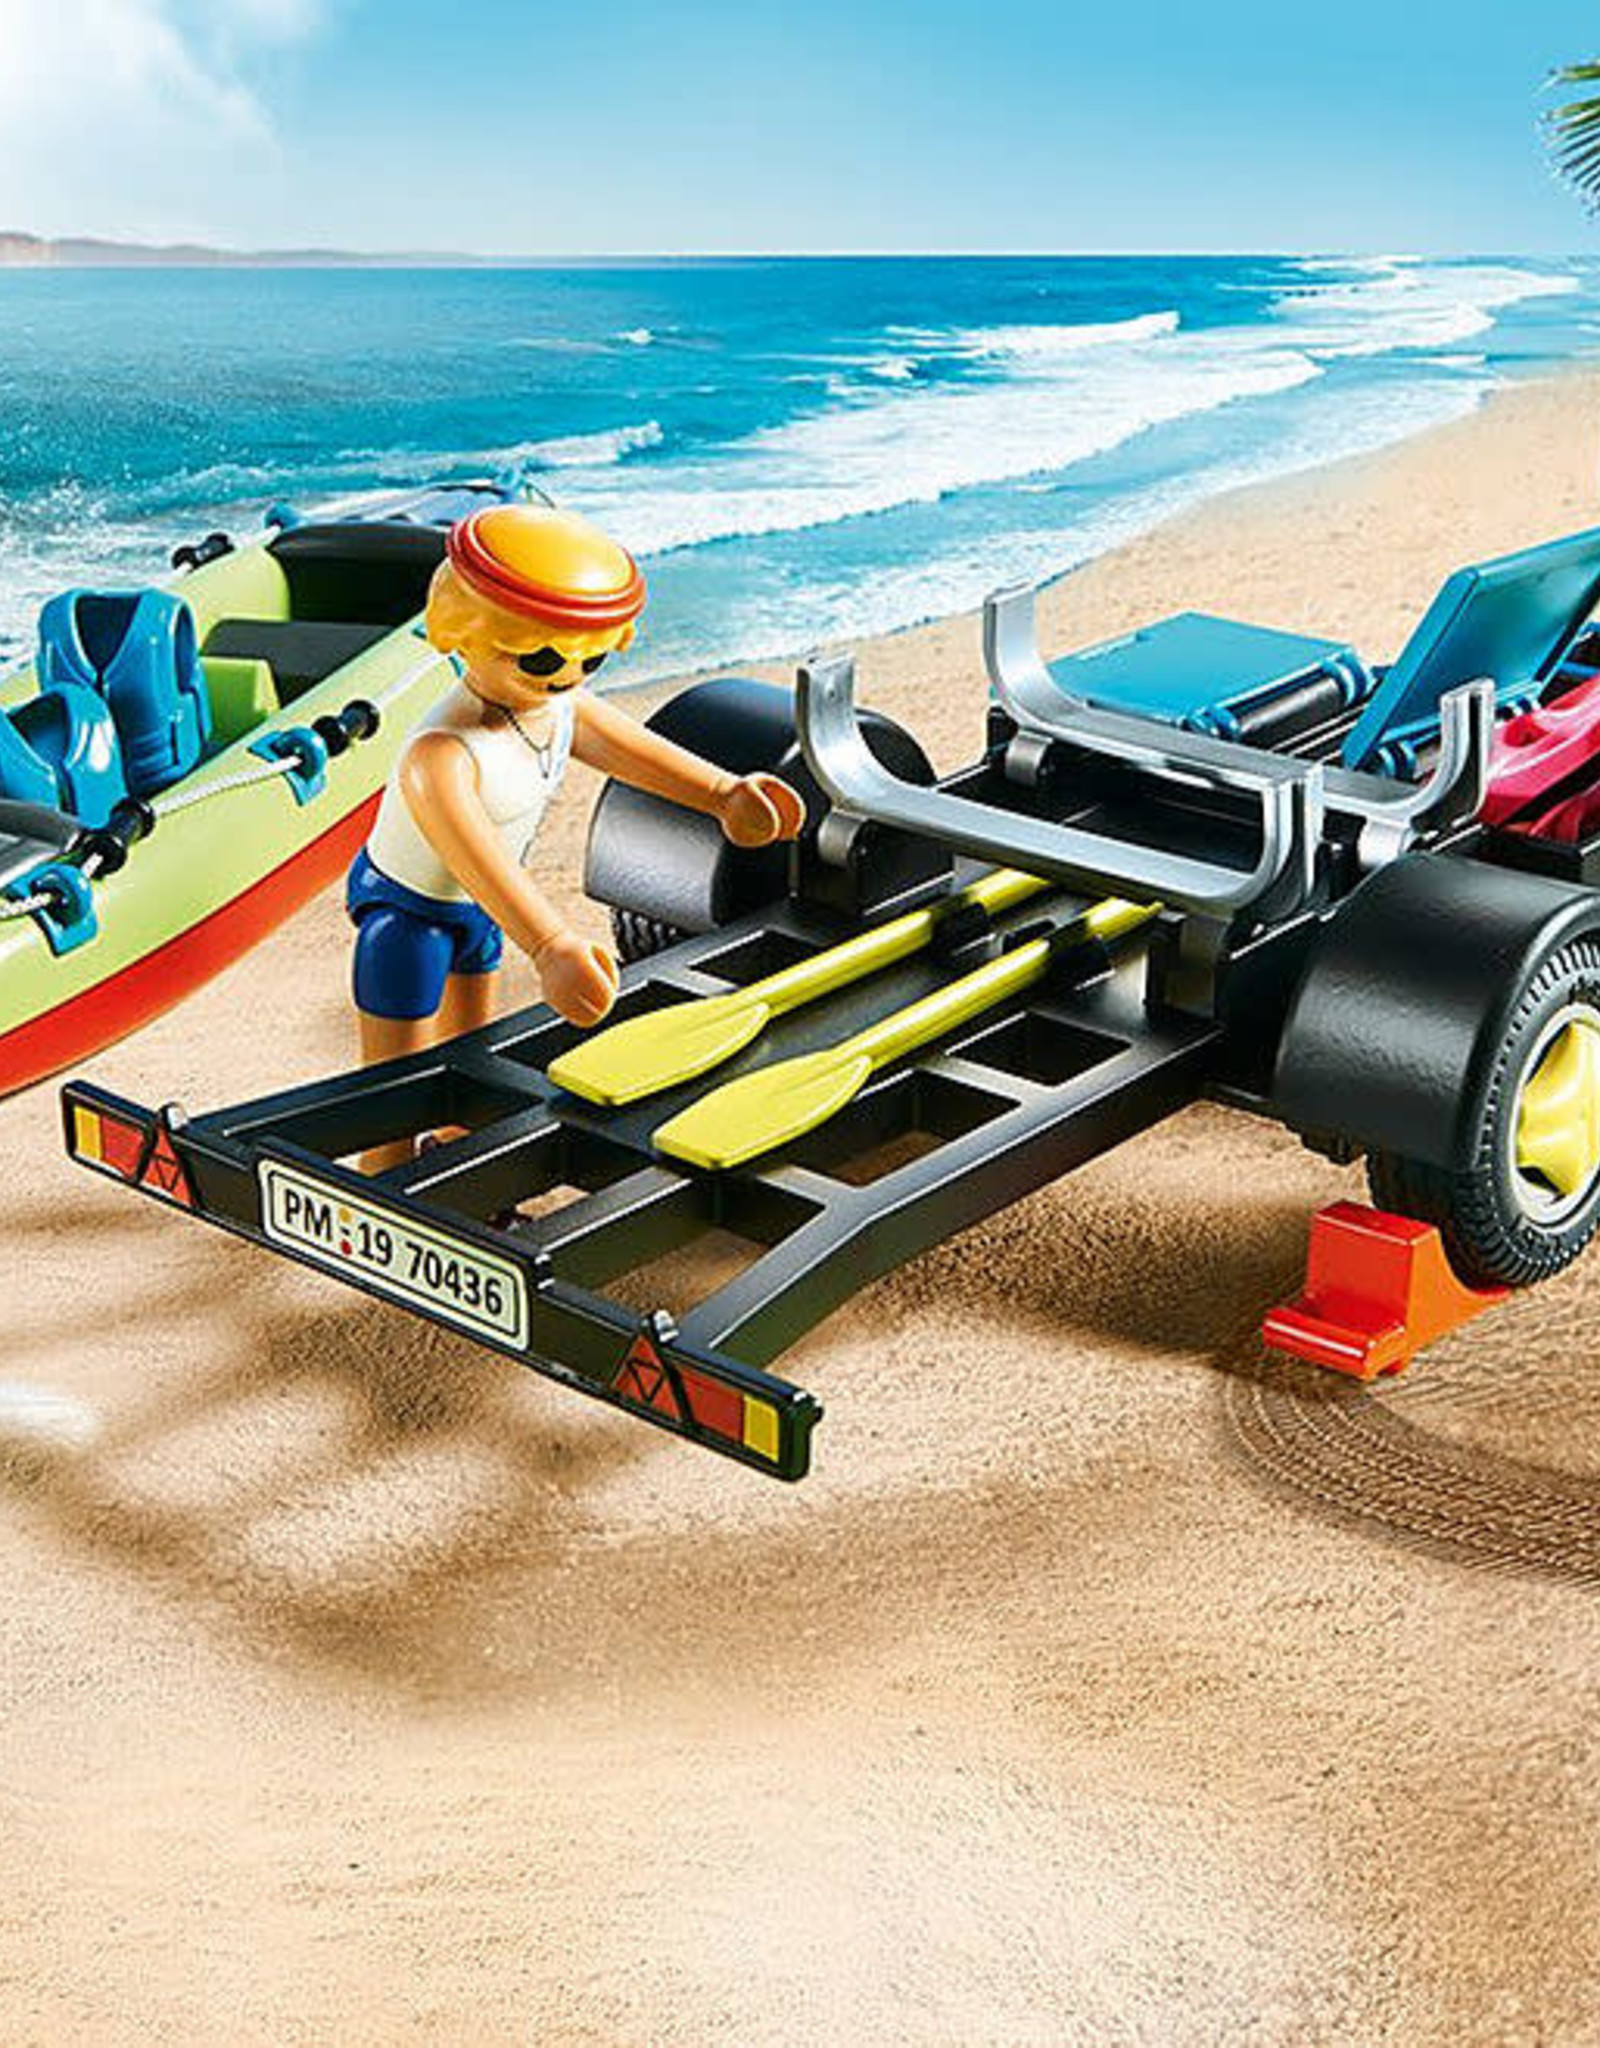 Family Fun Beach Car with Canoe